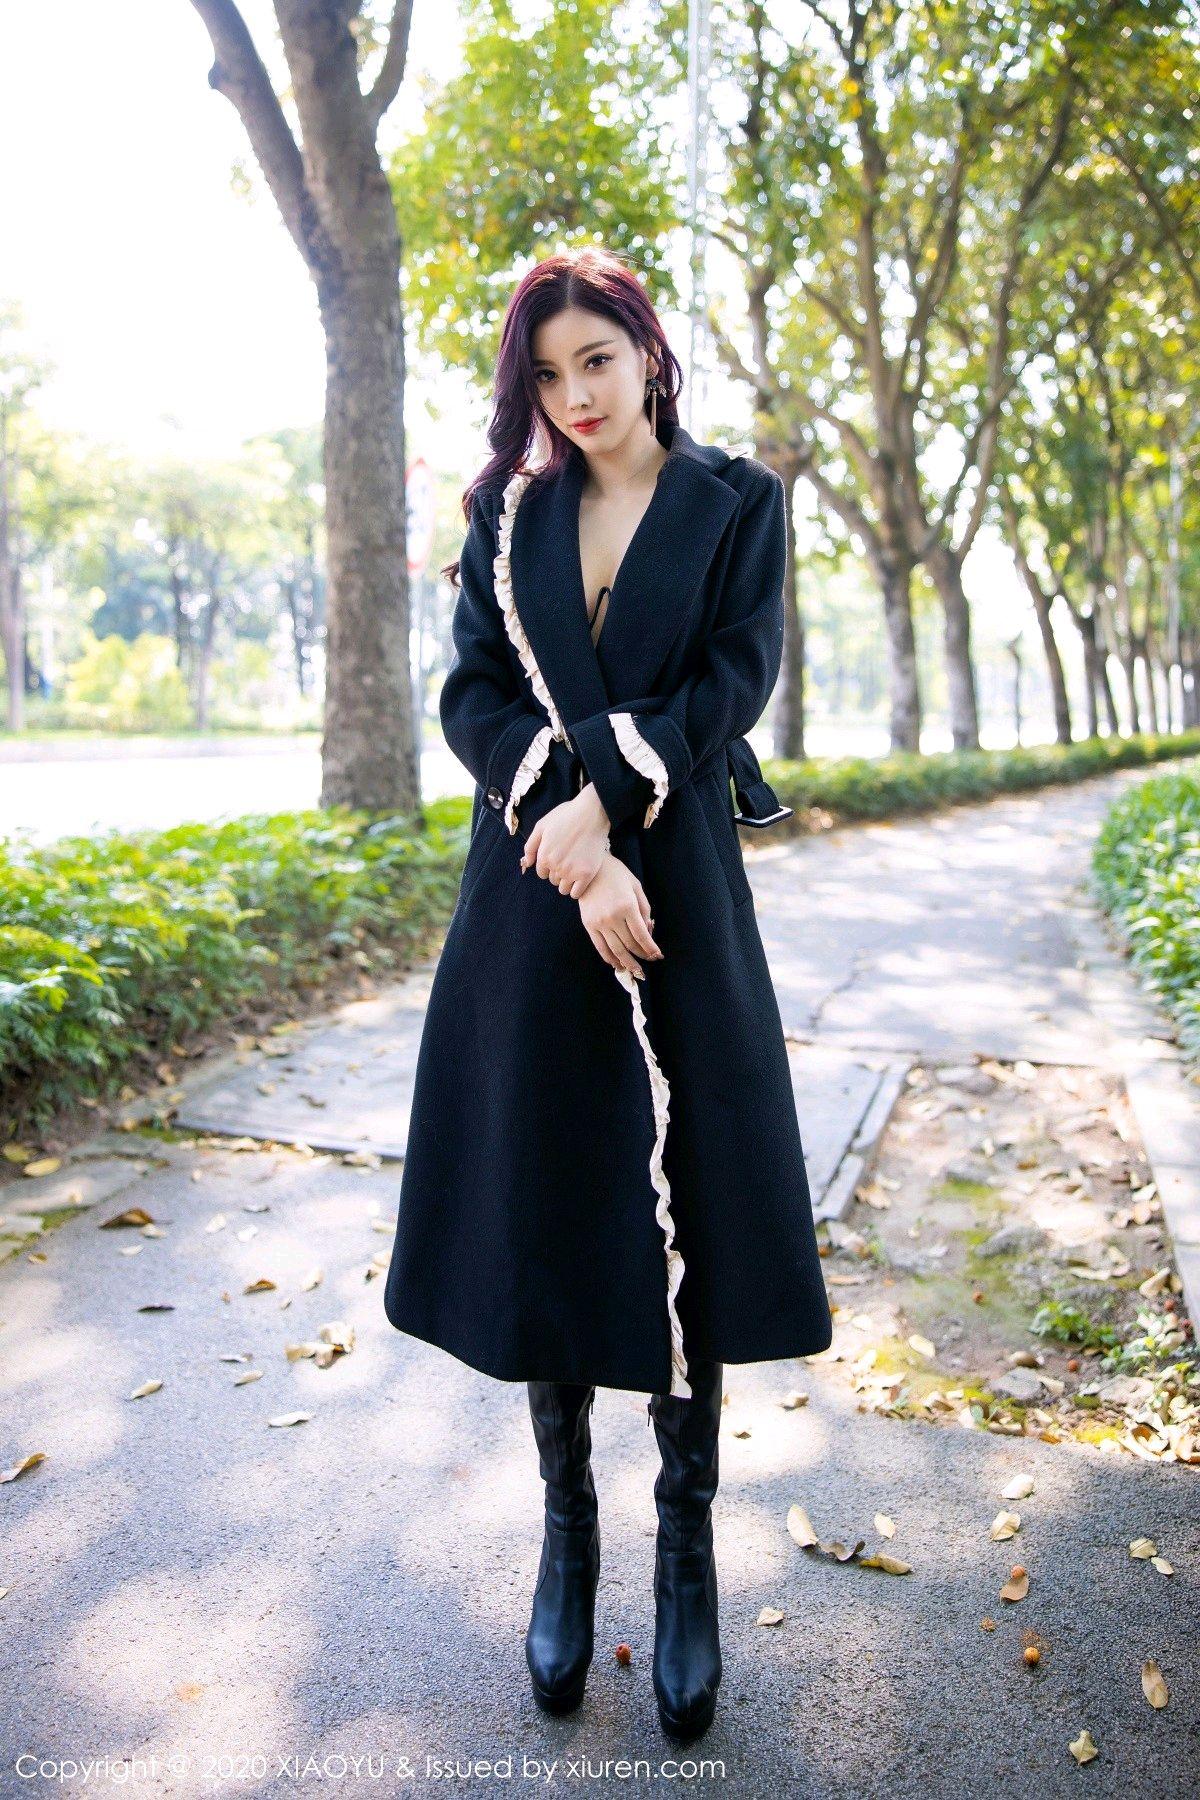 [XiuRen] Vol.338 Yang Chen Chen 1P, Outdoor, Tall, Xiuren, Yang Chen Chen